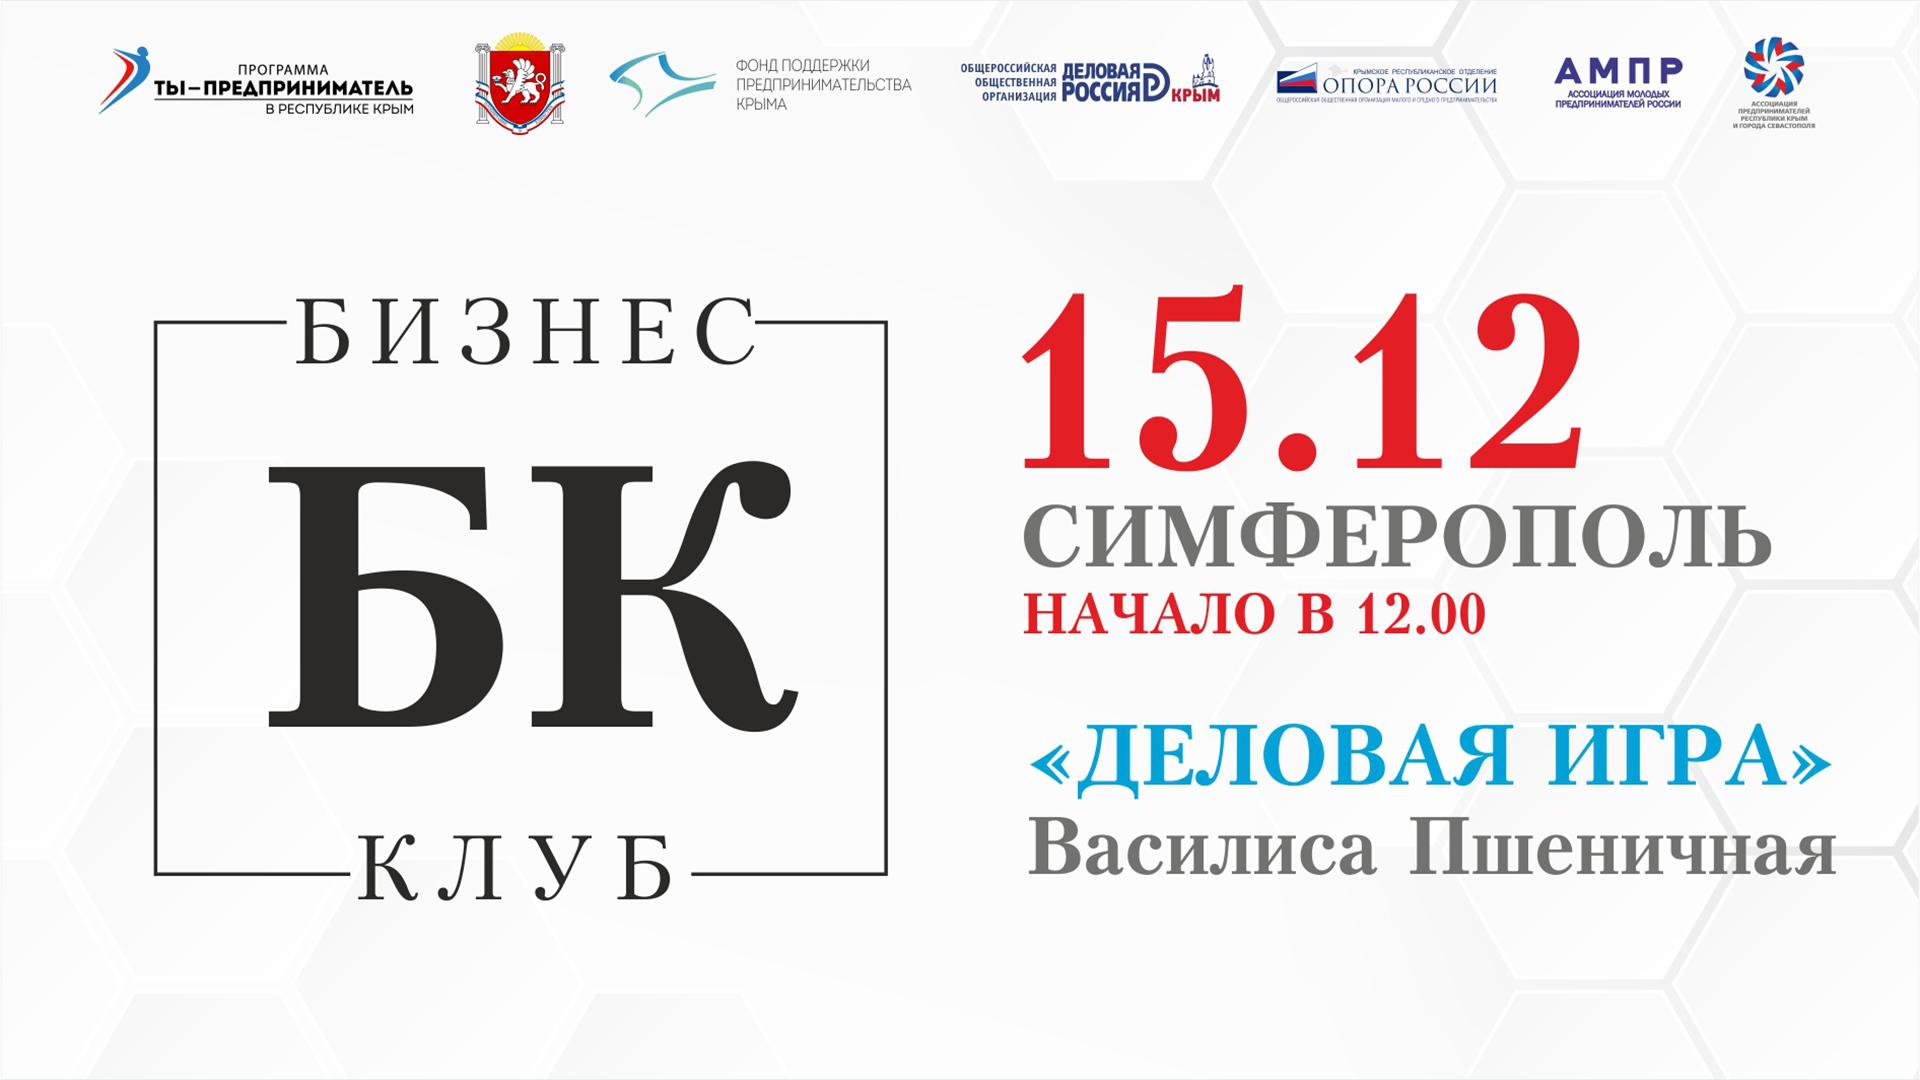 бизнес-клуб 15 декабря в Симферополе